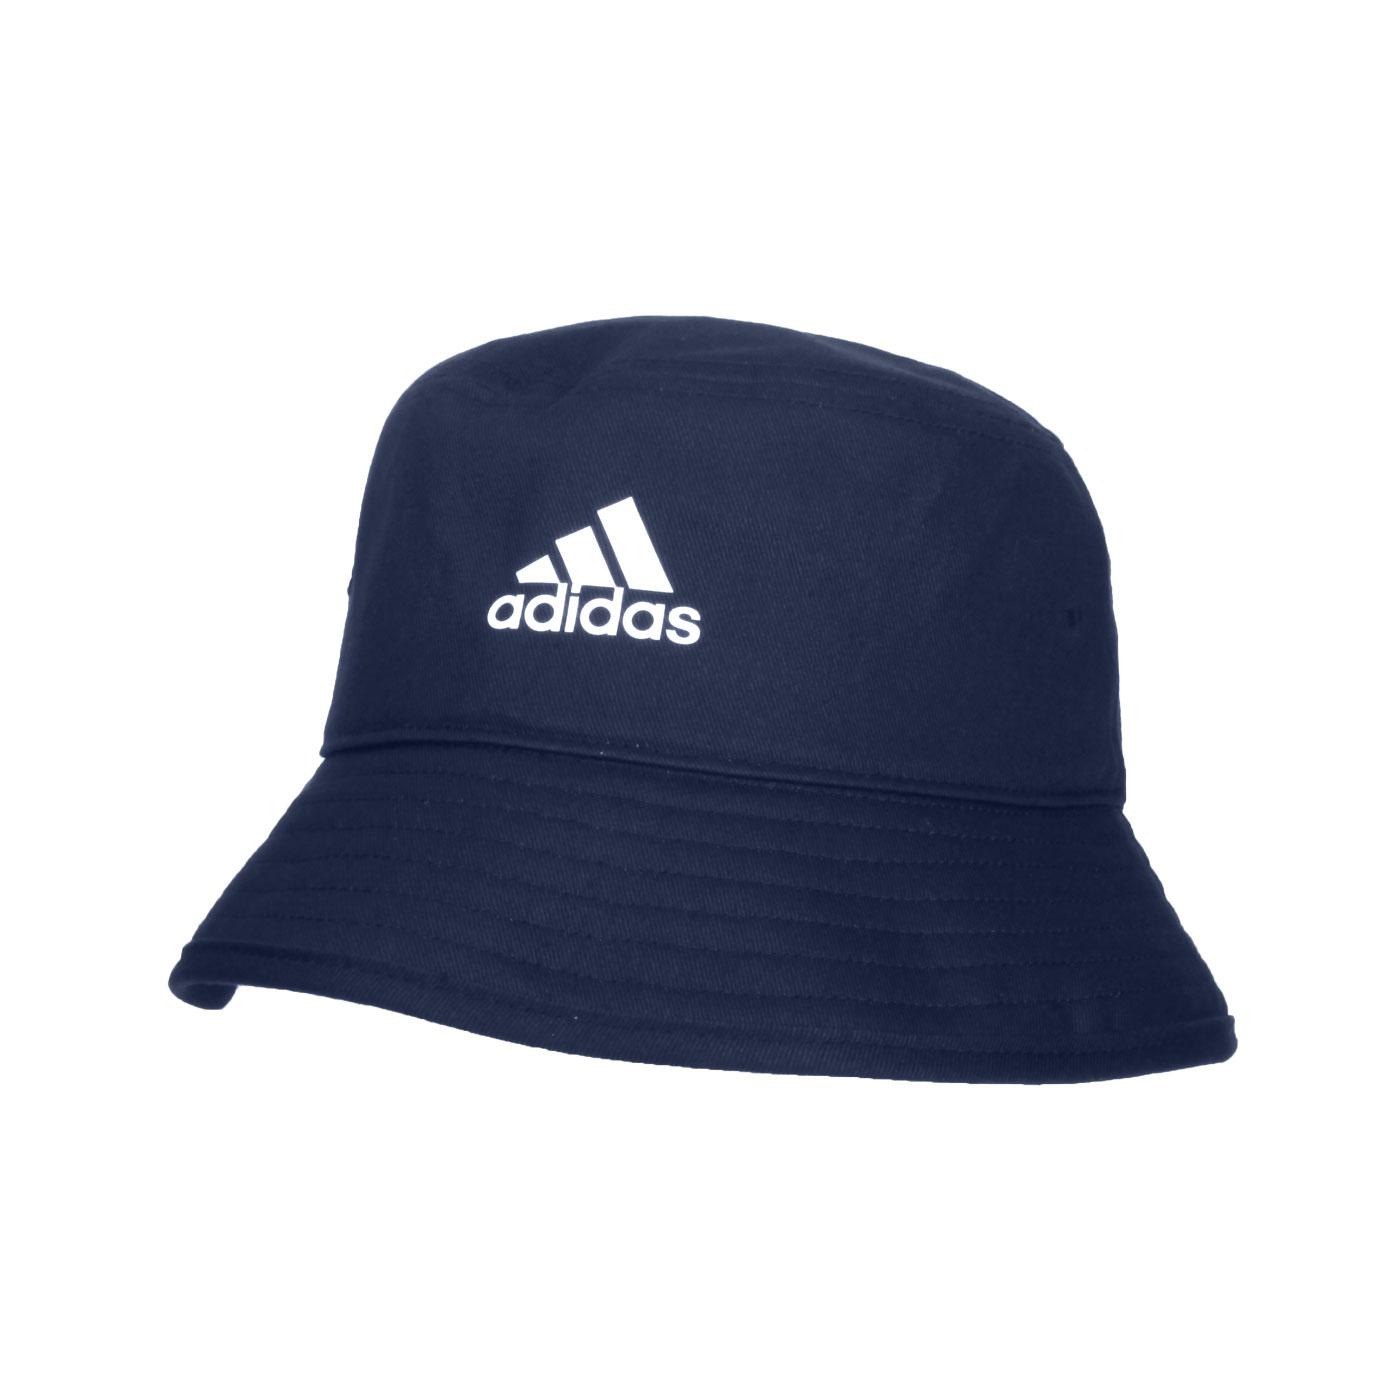 ADIDAS 漁夫帽 H36810 - 丈青白